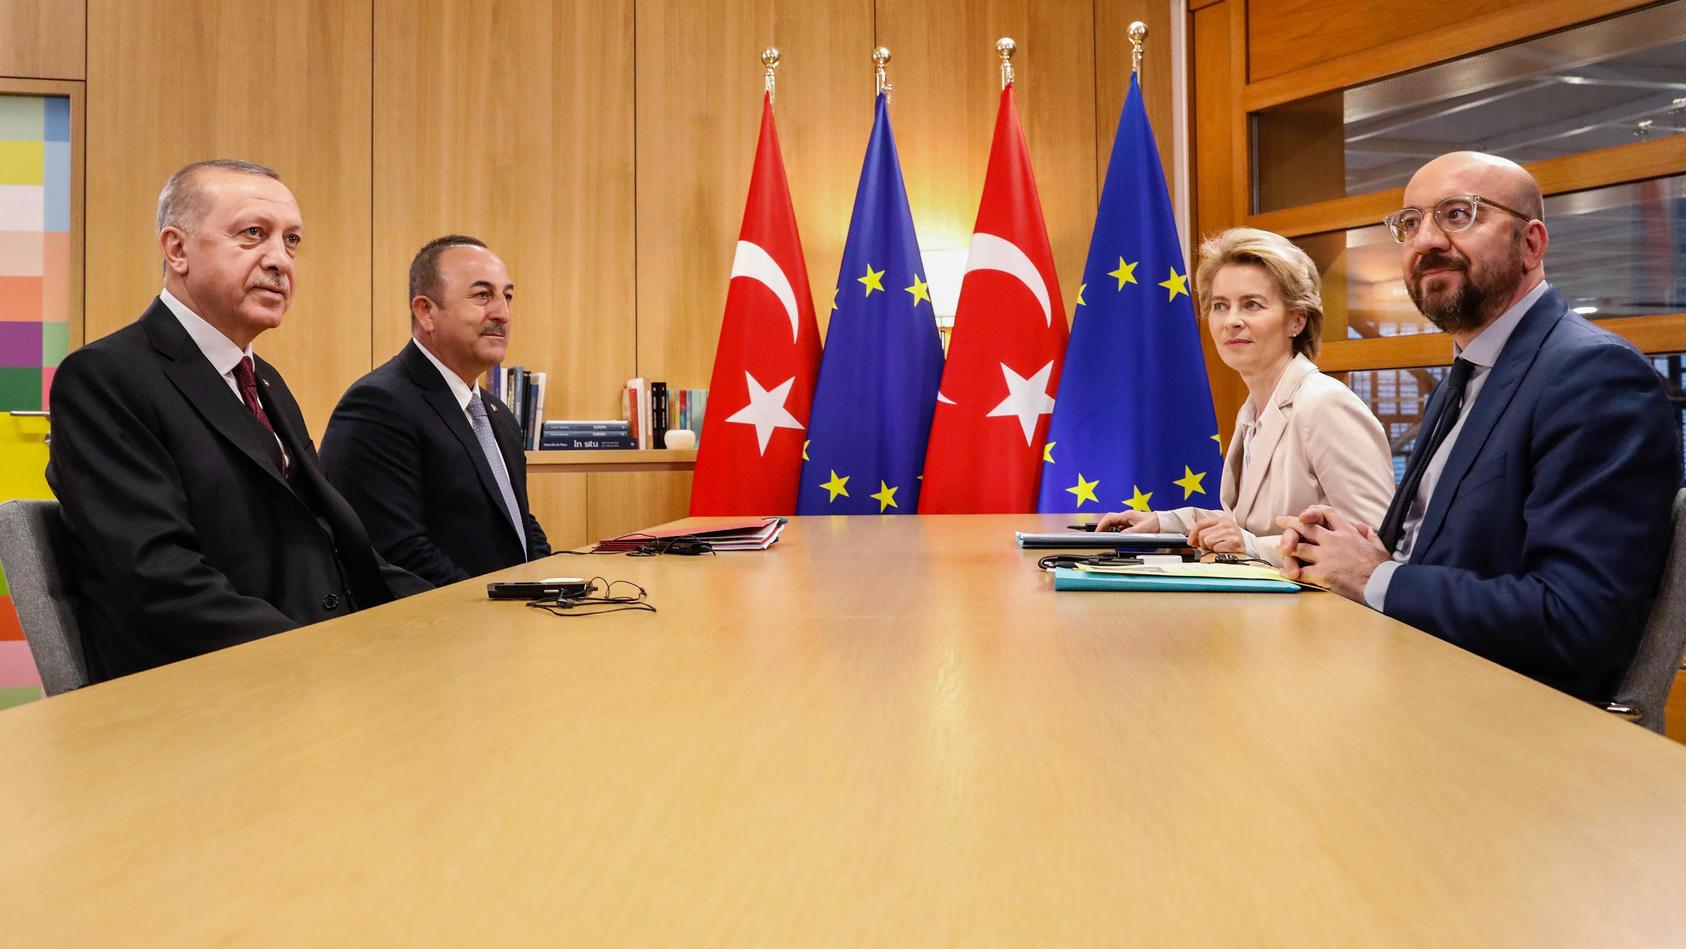 EUROPSKA KOMISIJA: Turska će se 'još više udaljiti' od Unije zbog bojkota francuskih proizvoda